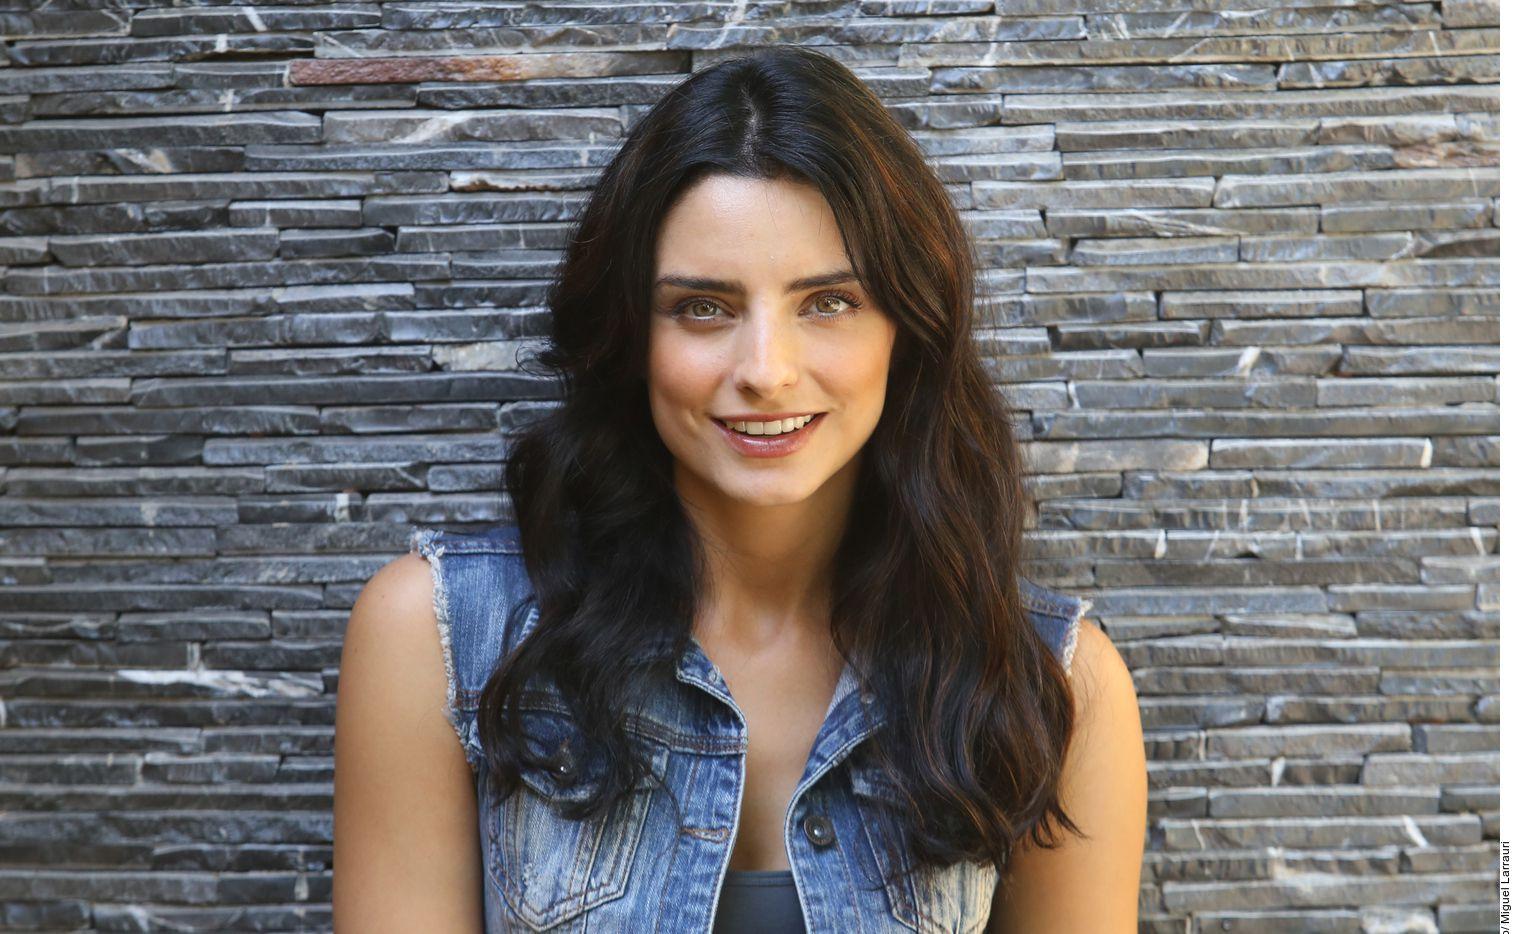 Aislinn Derbez busca balancear su rol como madre y sus papeles ante las cámaras.